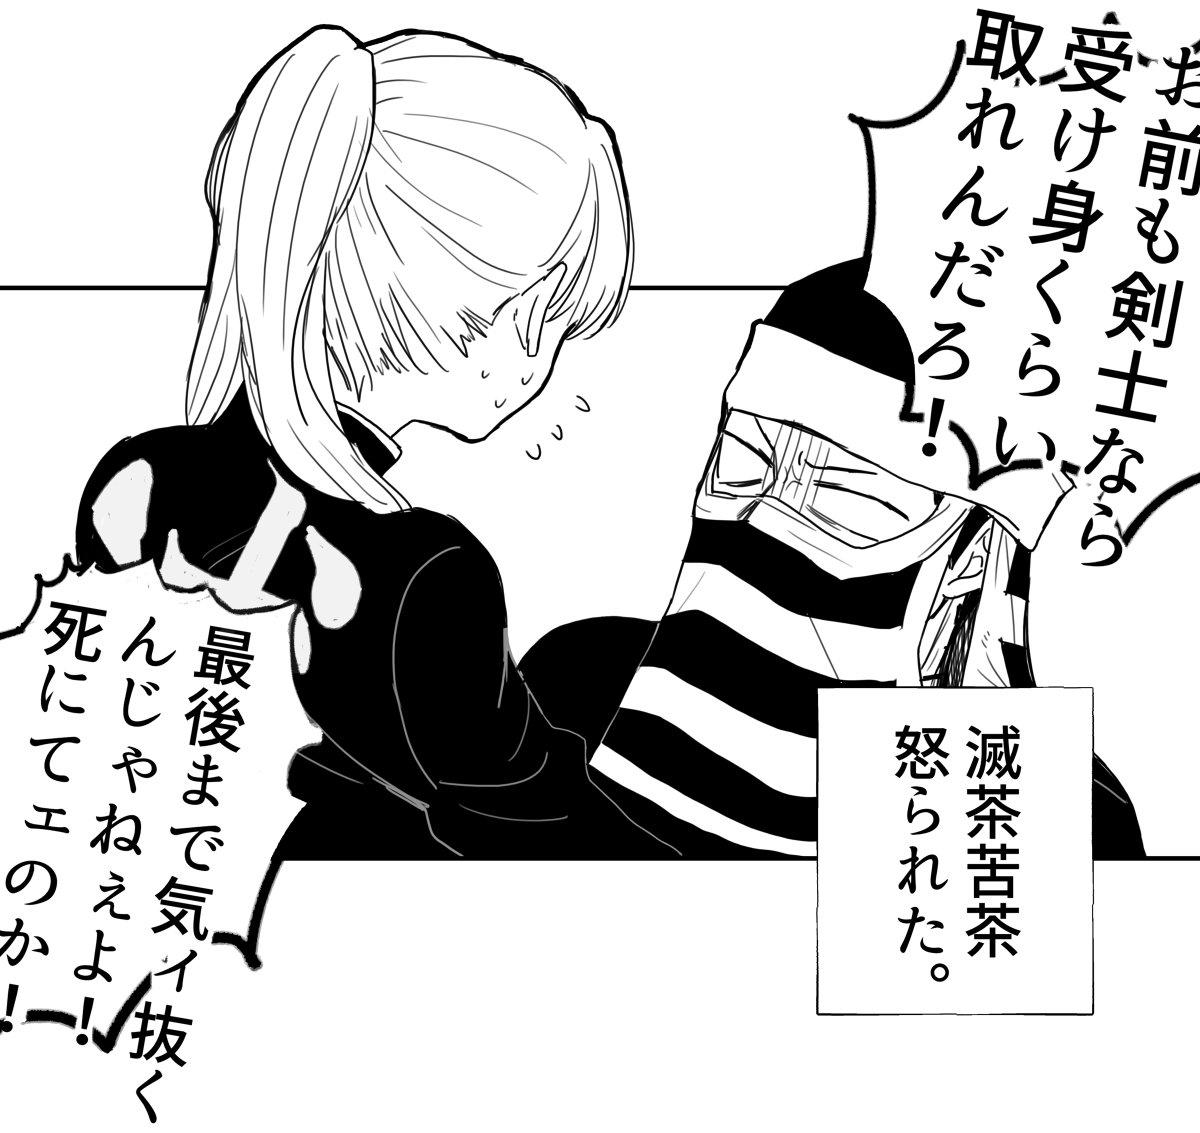 滅 の ランキング 小説 刃 鬼 夢